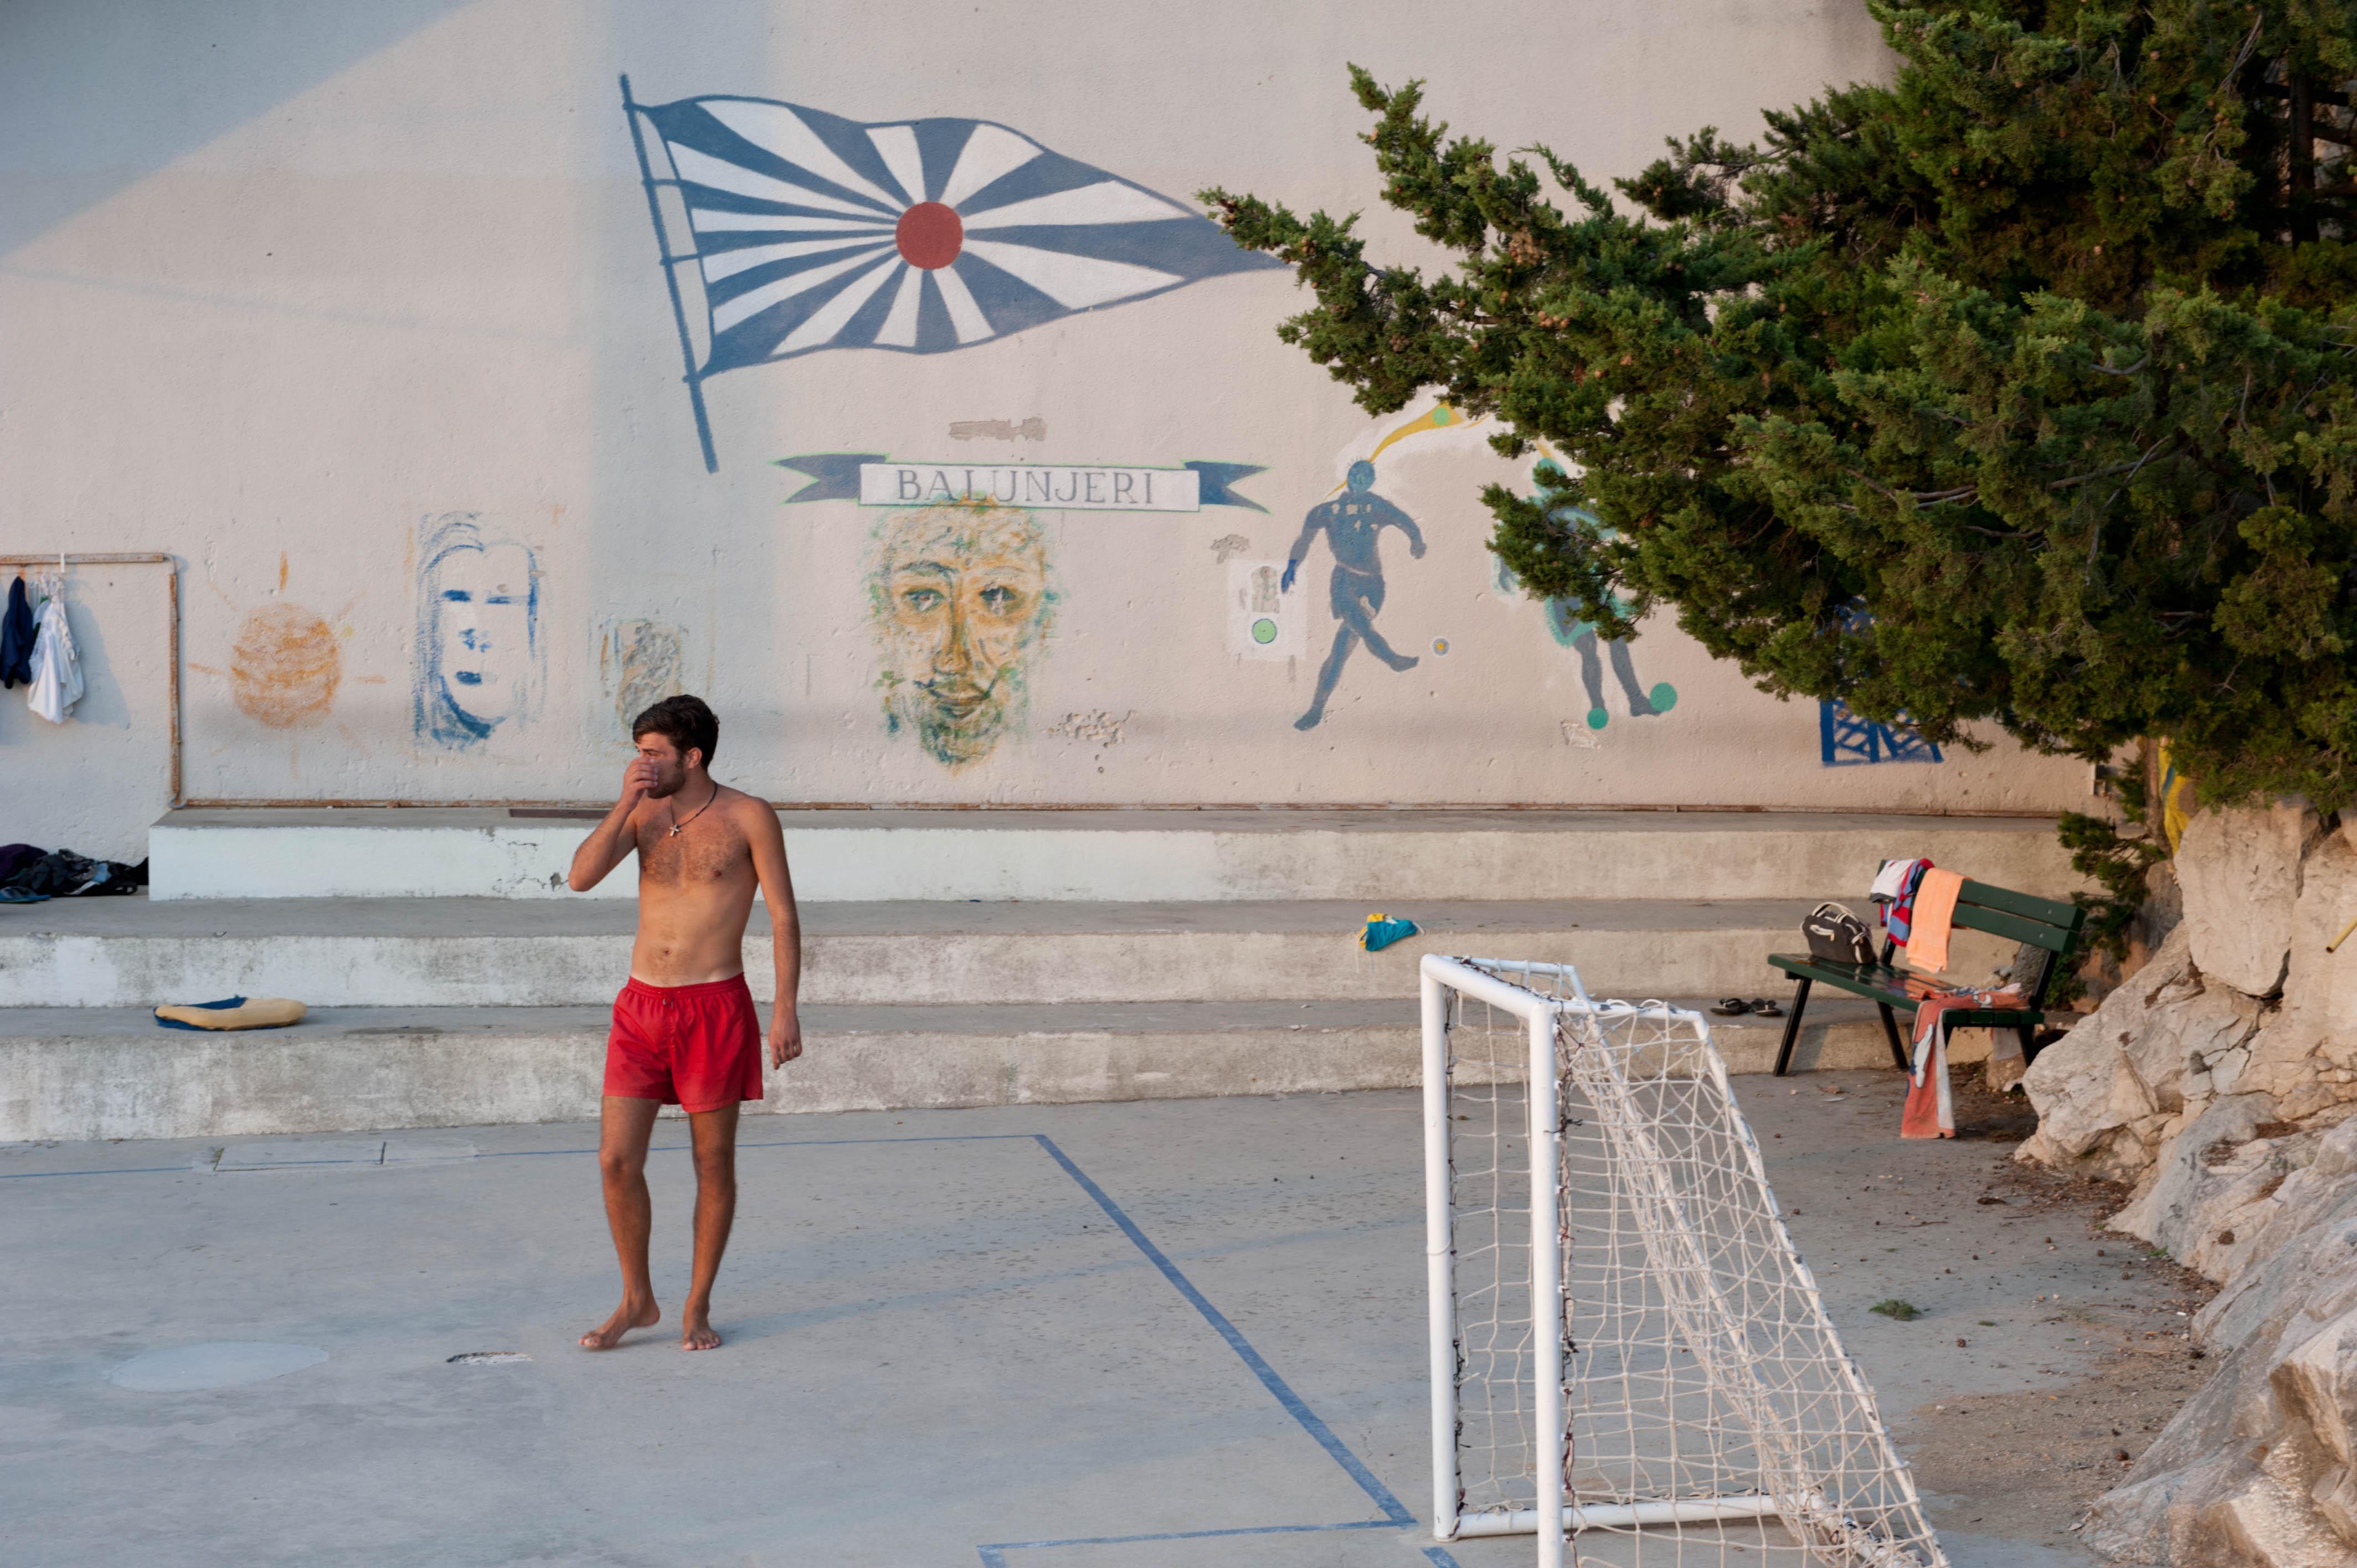 0320-Split - Jadran Balunjeri club house (Dalmatie centrale)